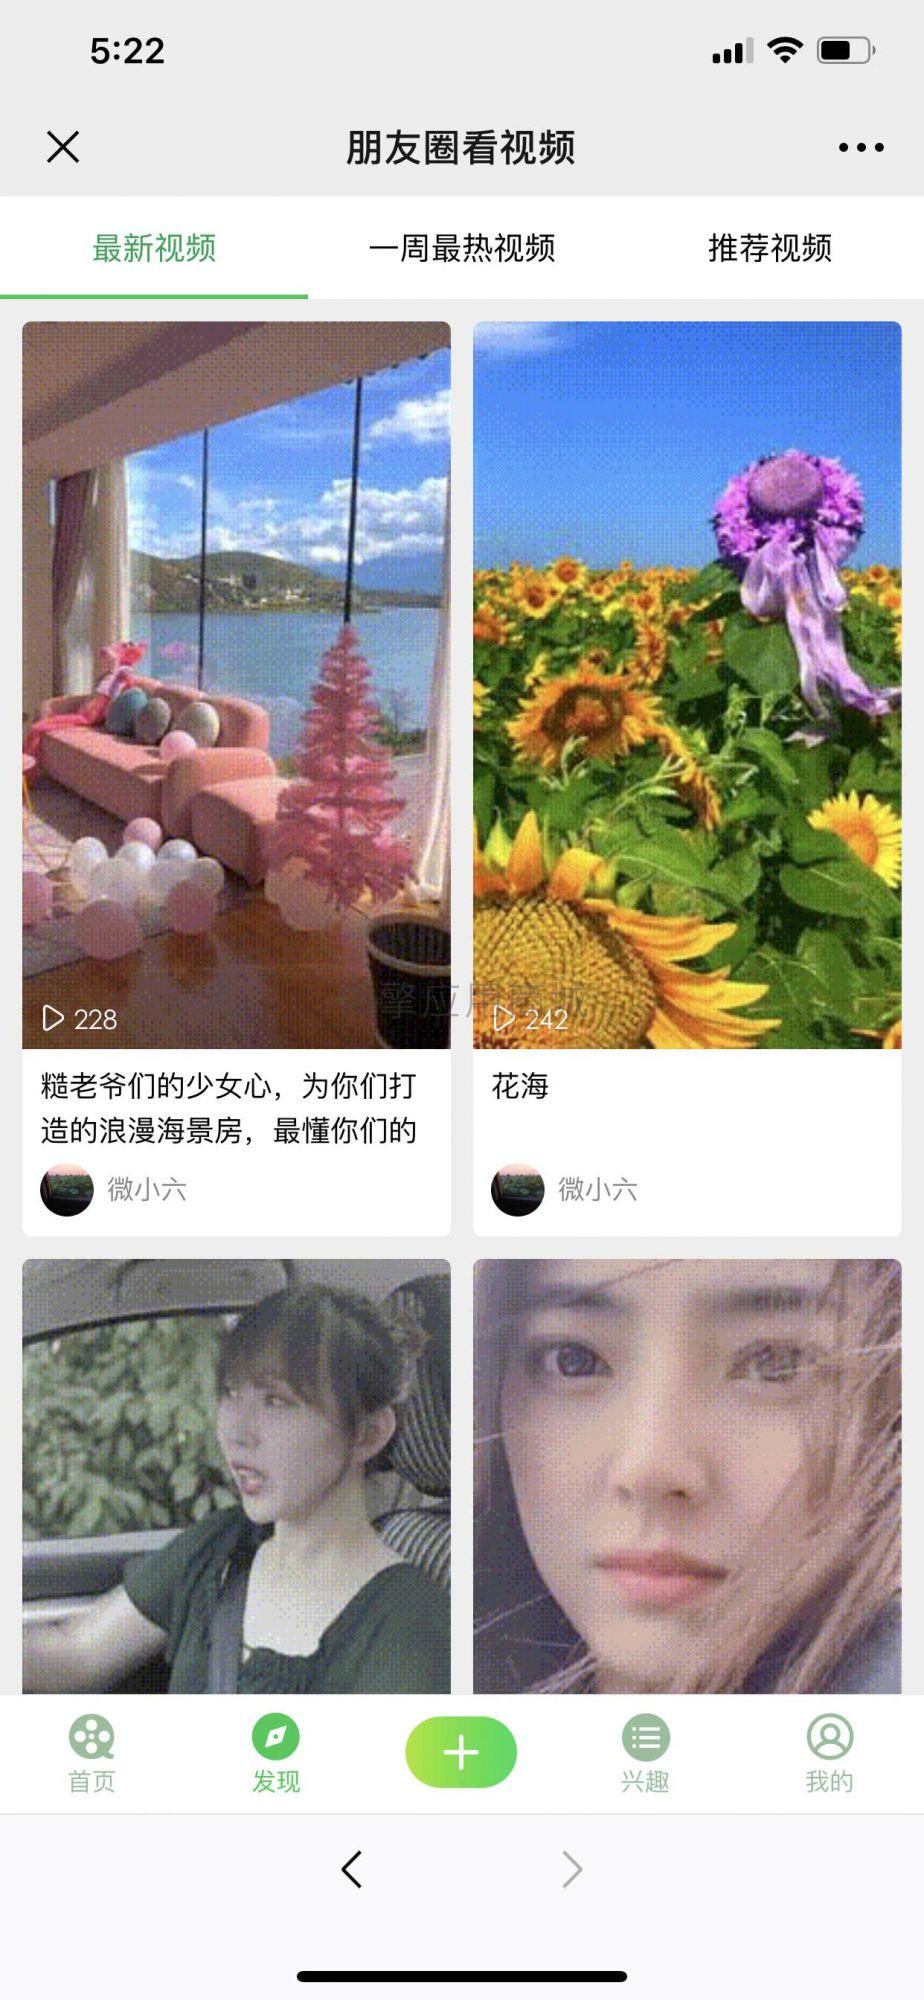 朋友圈看视频 zk_jqvideo 版本号:1.0.15【功能模块】